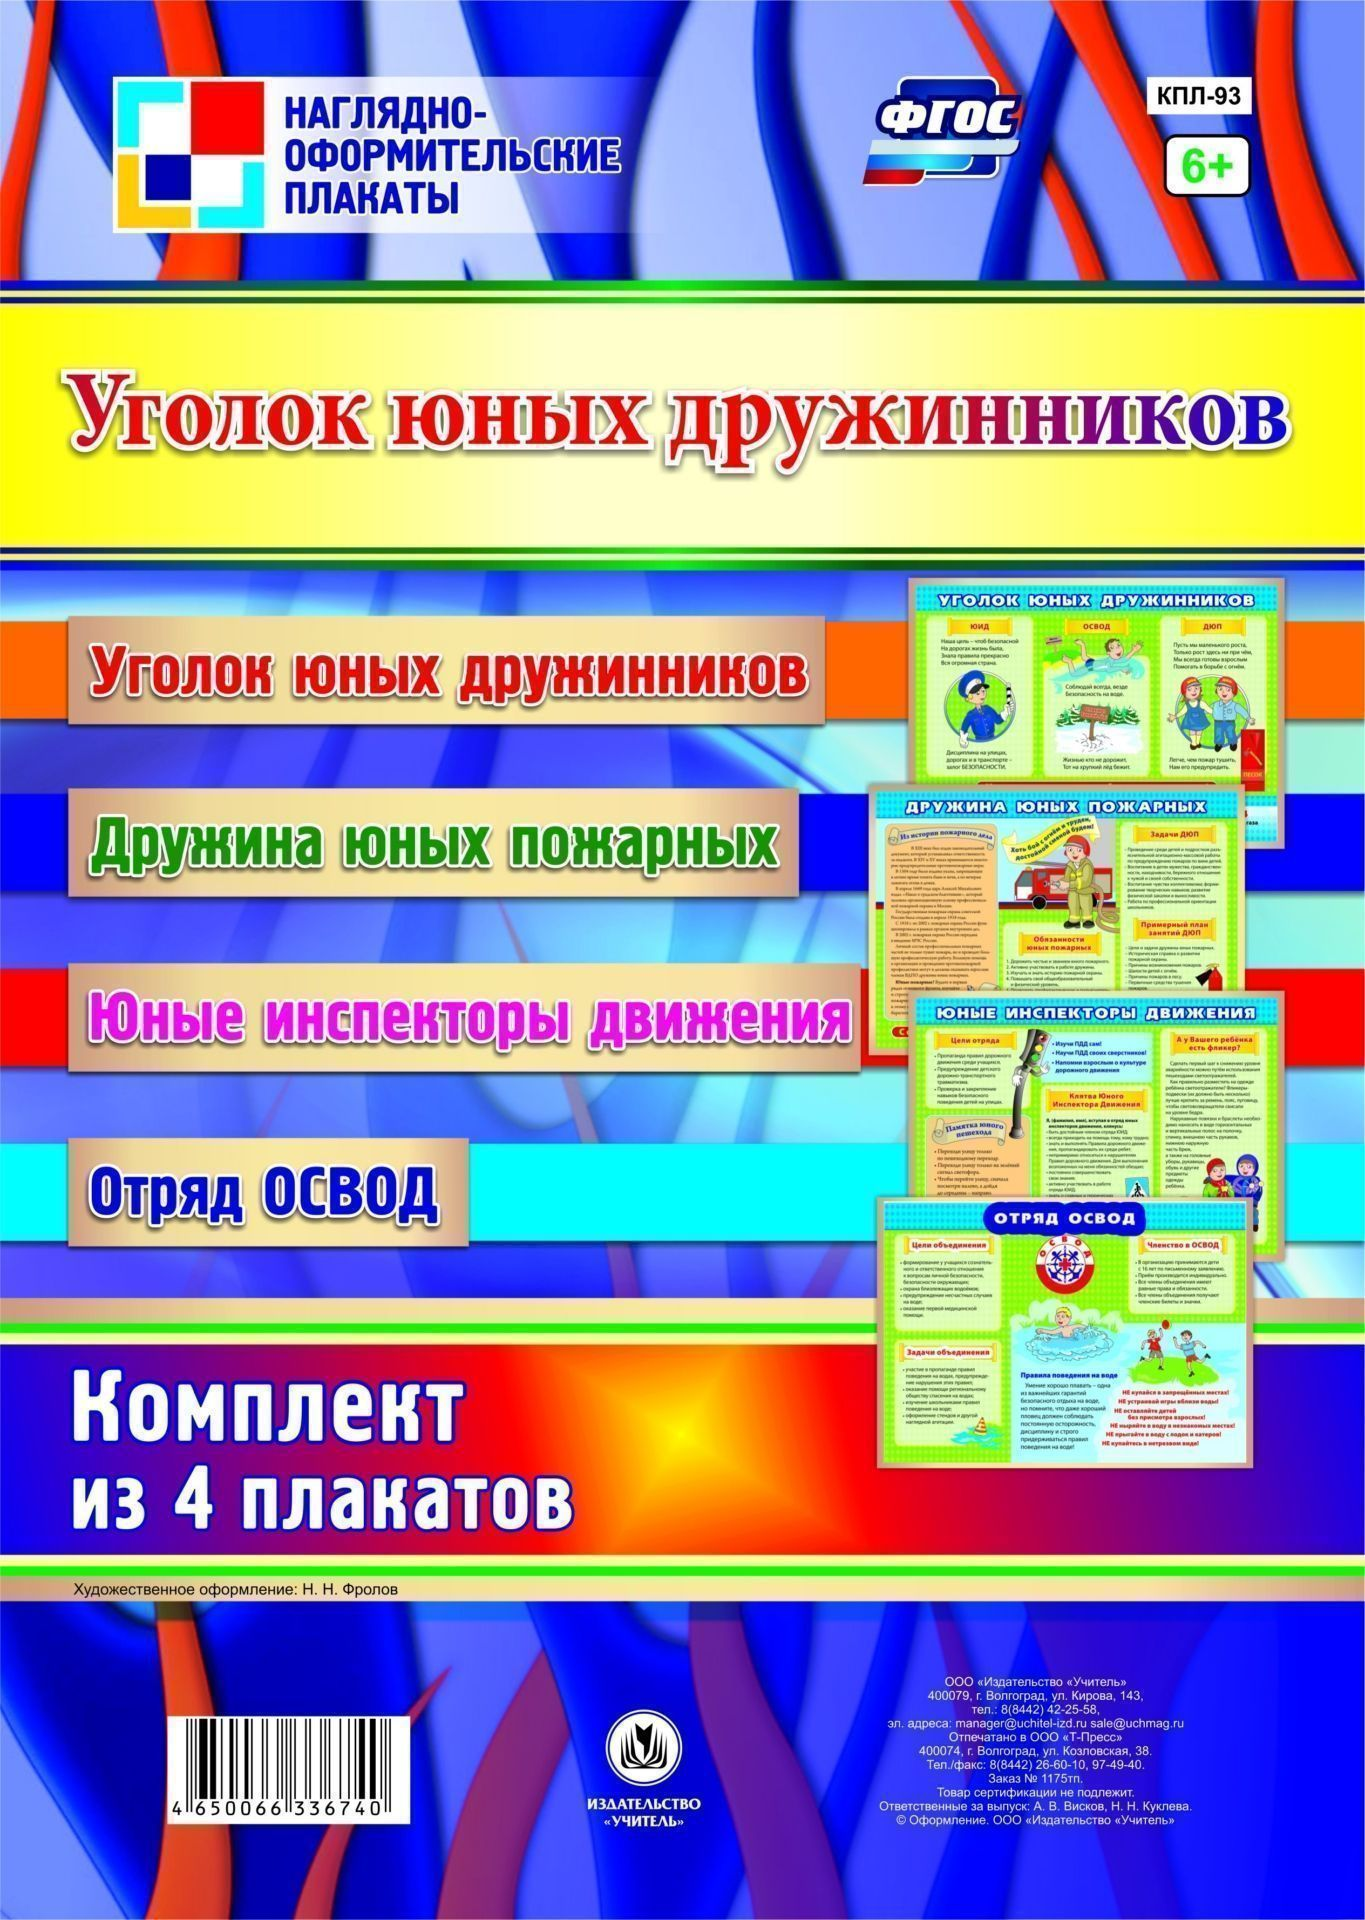 Комплект плакатов Уголок ных дружинников: 4 плакатаТематические плакаты<br>.<br><br>Год: 2017<br>Сери: Наглдно-оформительские плакаты<br>Высота: 297<br>Ширина: 420